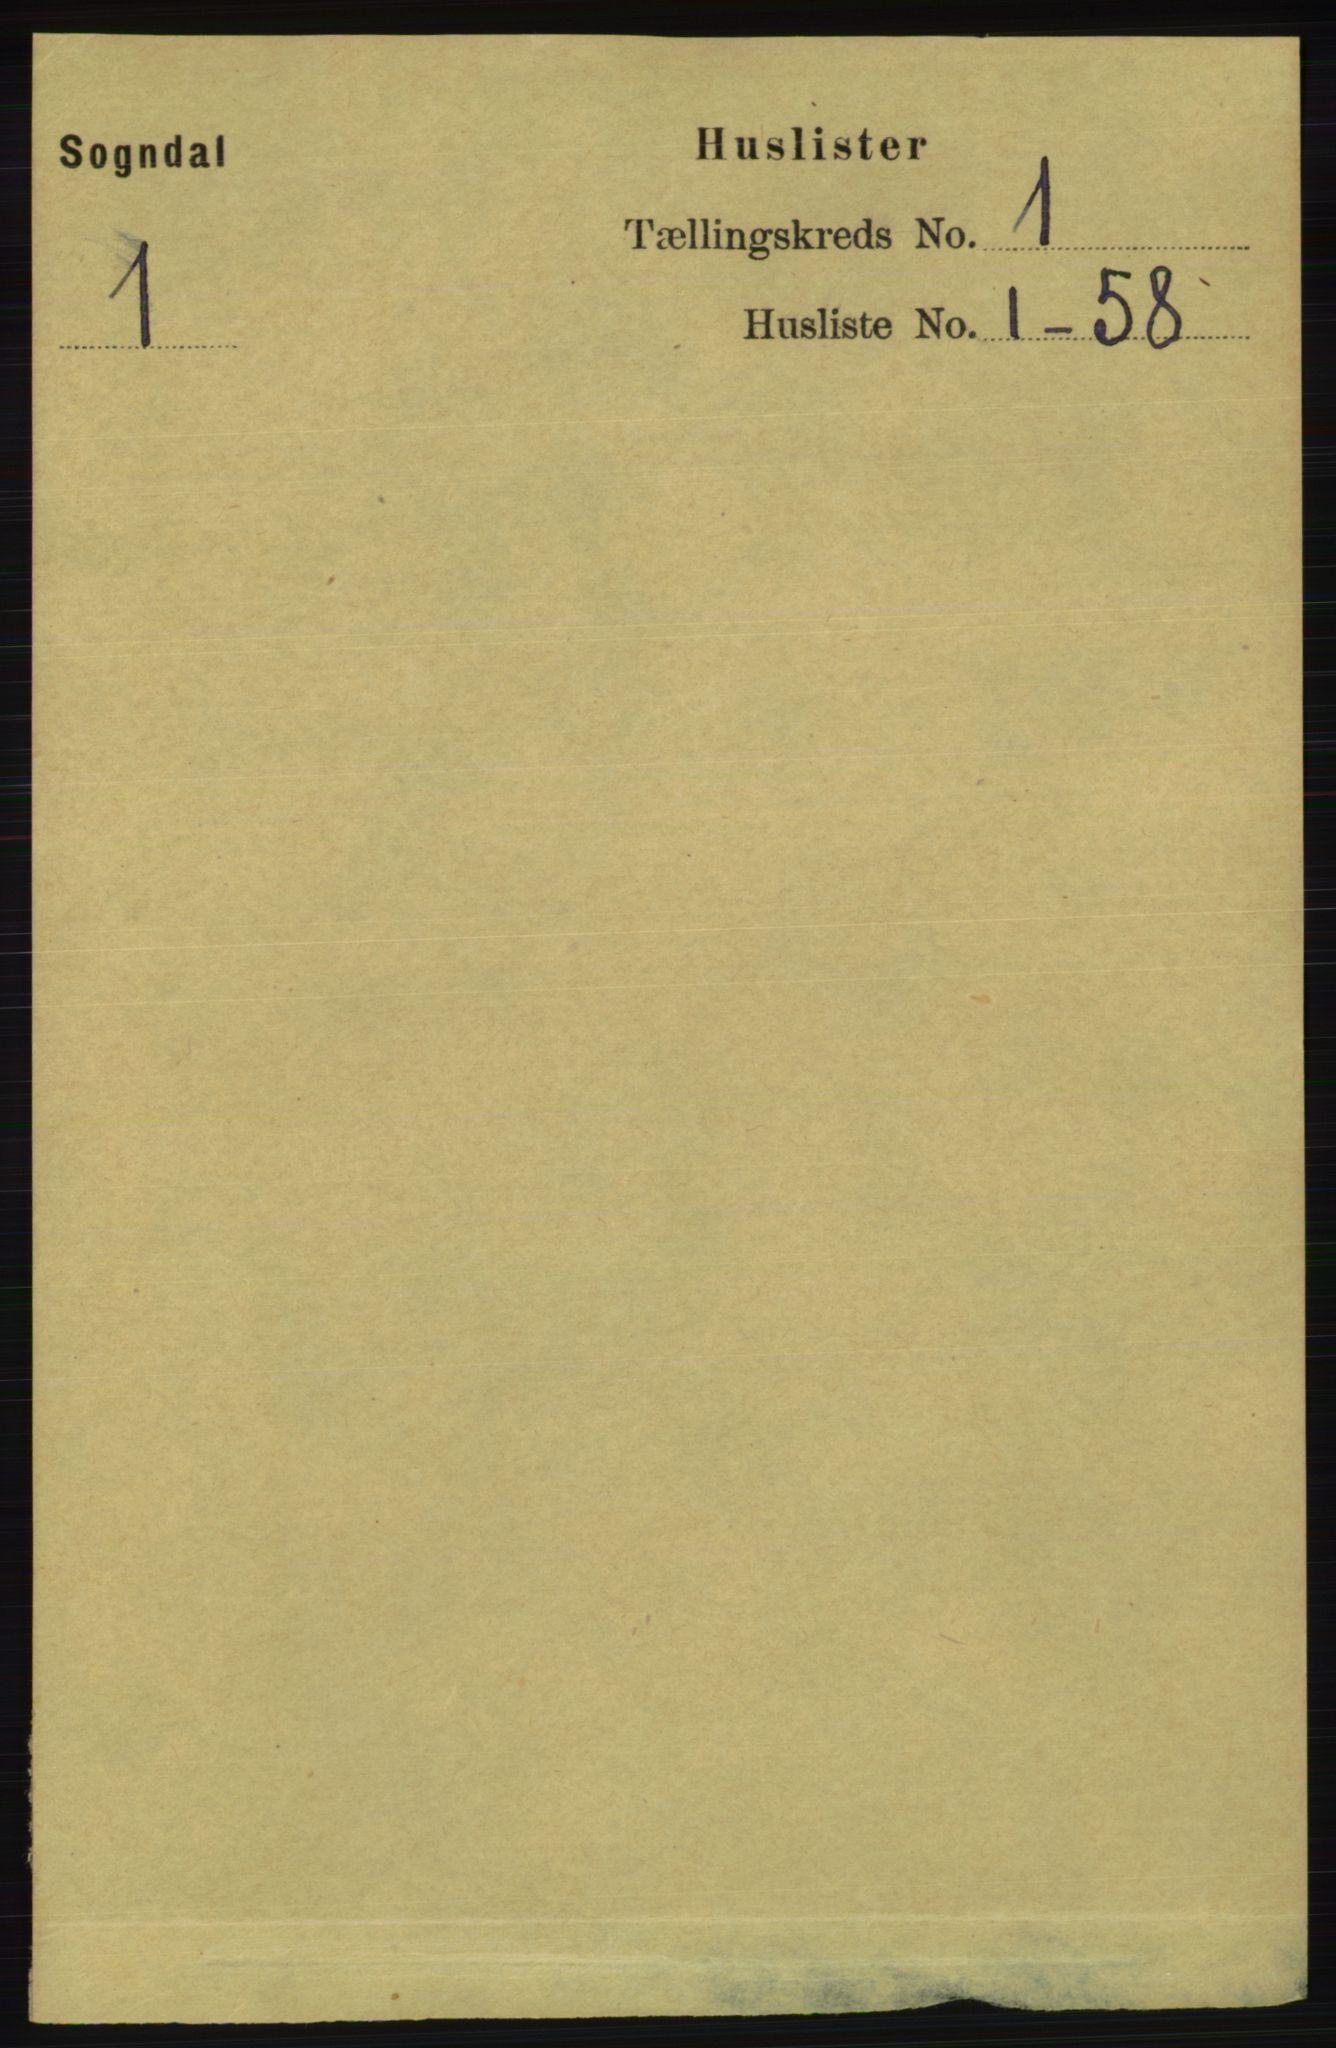 RA, Folketelling 1891 for 1111 Sokndal herred, 1891, s. 23